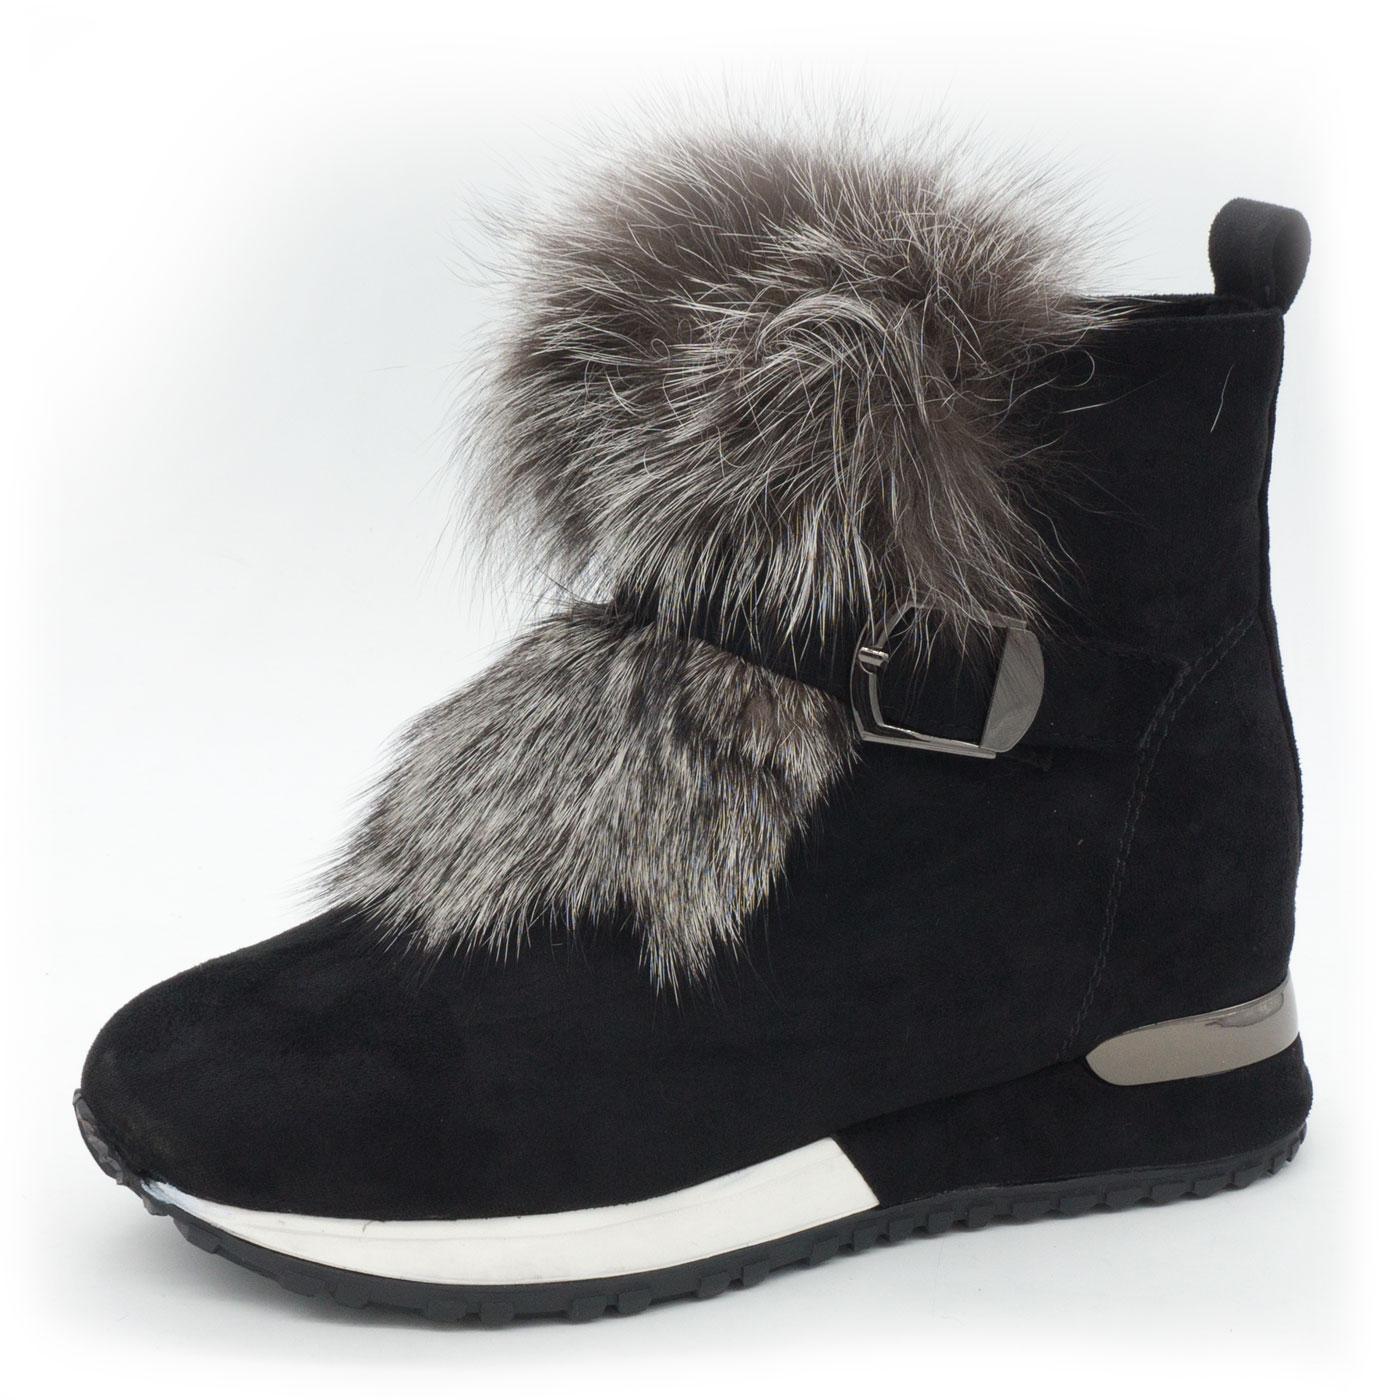 d3480927 Зимние кроссовки LICCI 826-H450M высокие черные, купить LICCI в ...